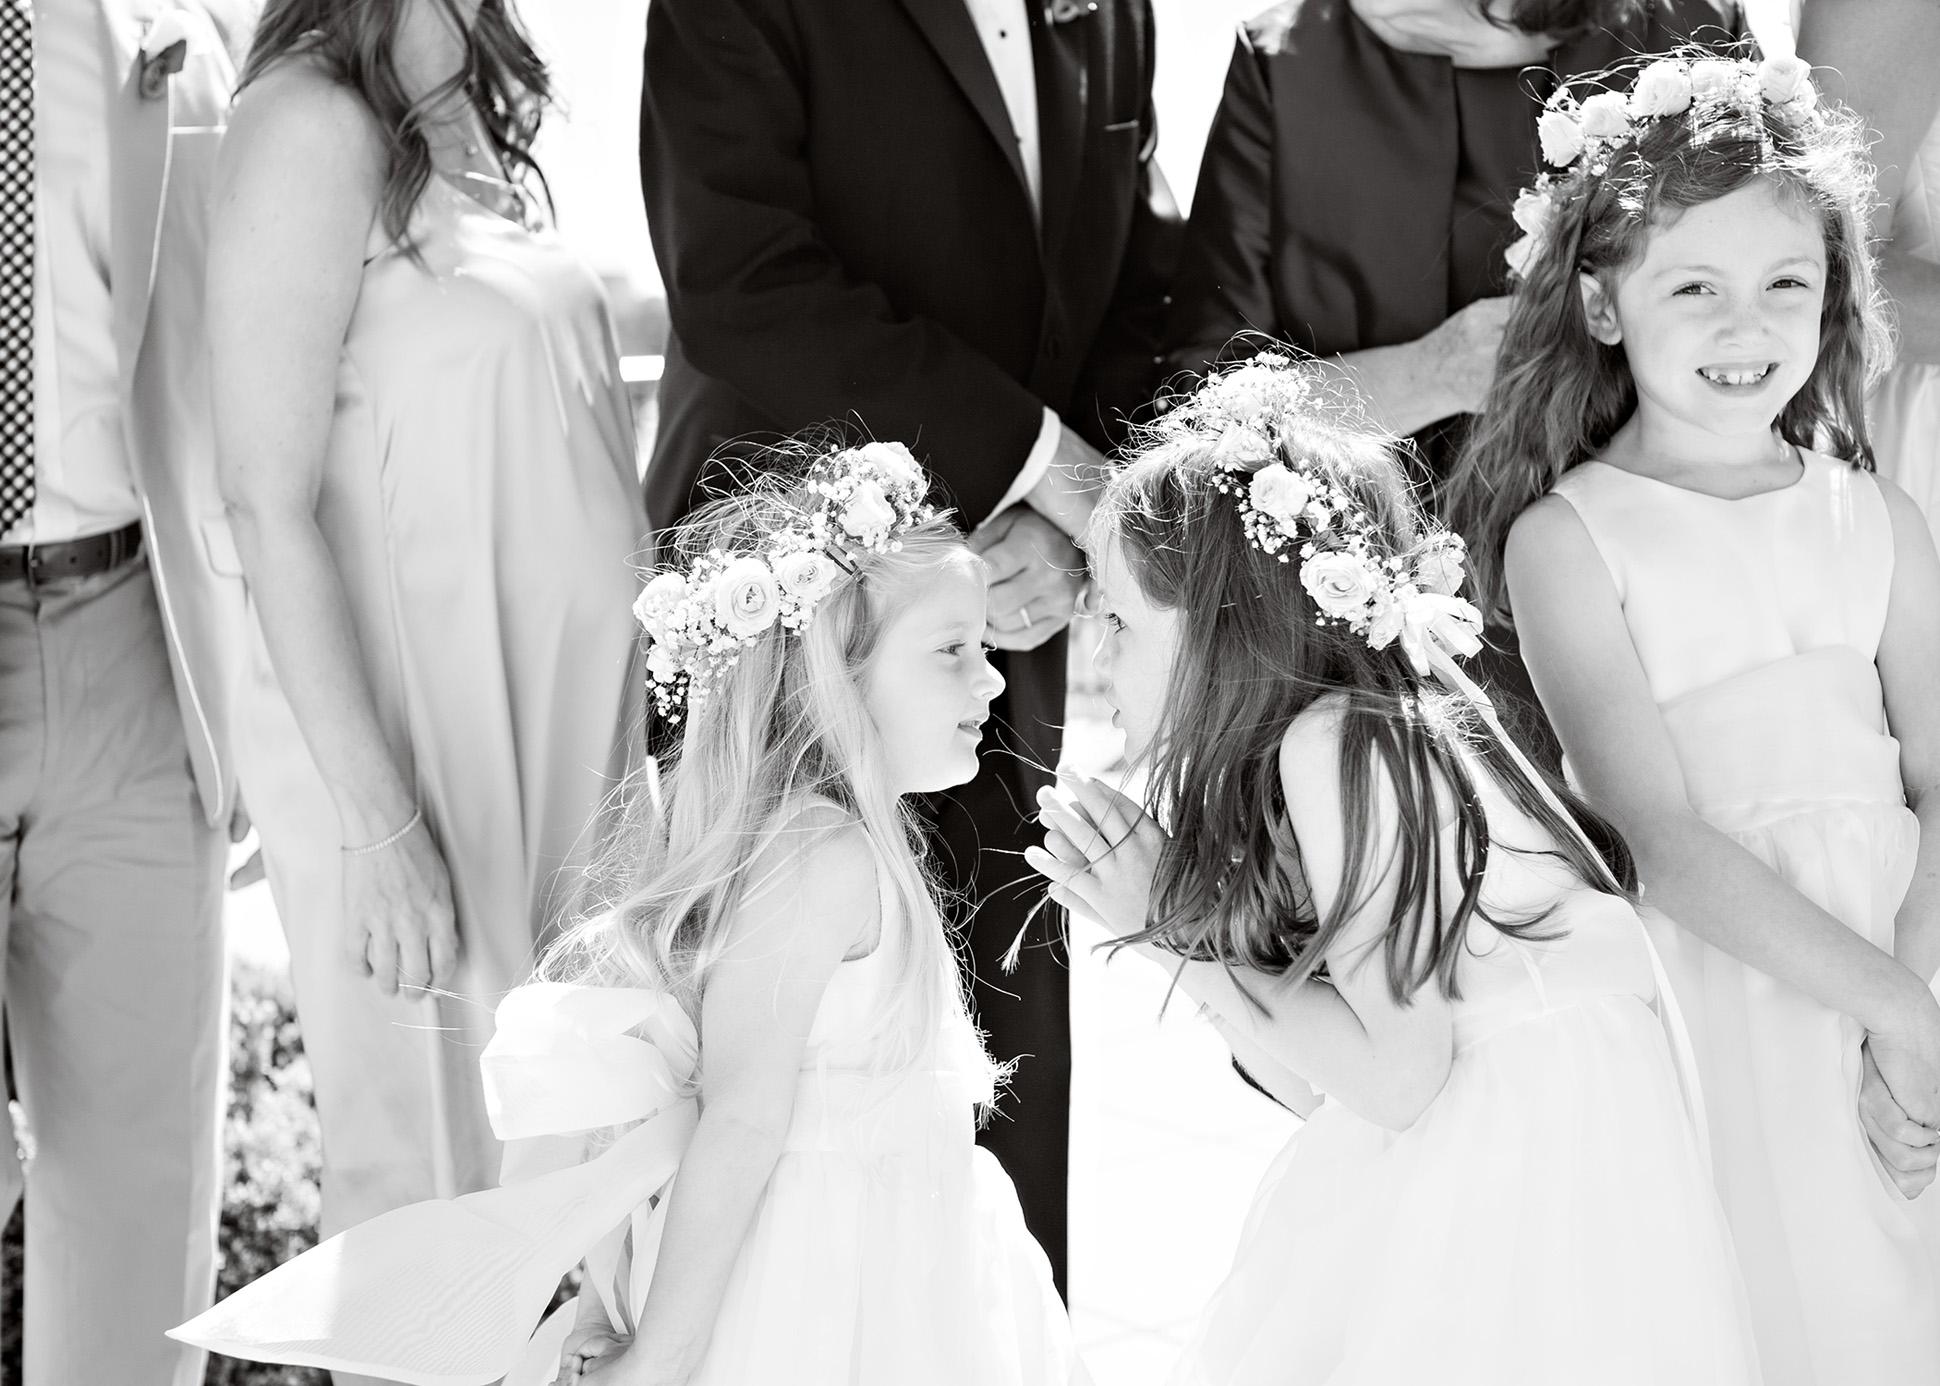 22-Sara Stadtmiller-SRS-Photography-Asbury-Park-Wedding-Photographer-Monmouth-County-Wedding-Photographer-NJ-Wedding-Photographer-Molly-Pitcher-Inn-Wedding